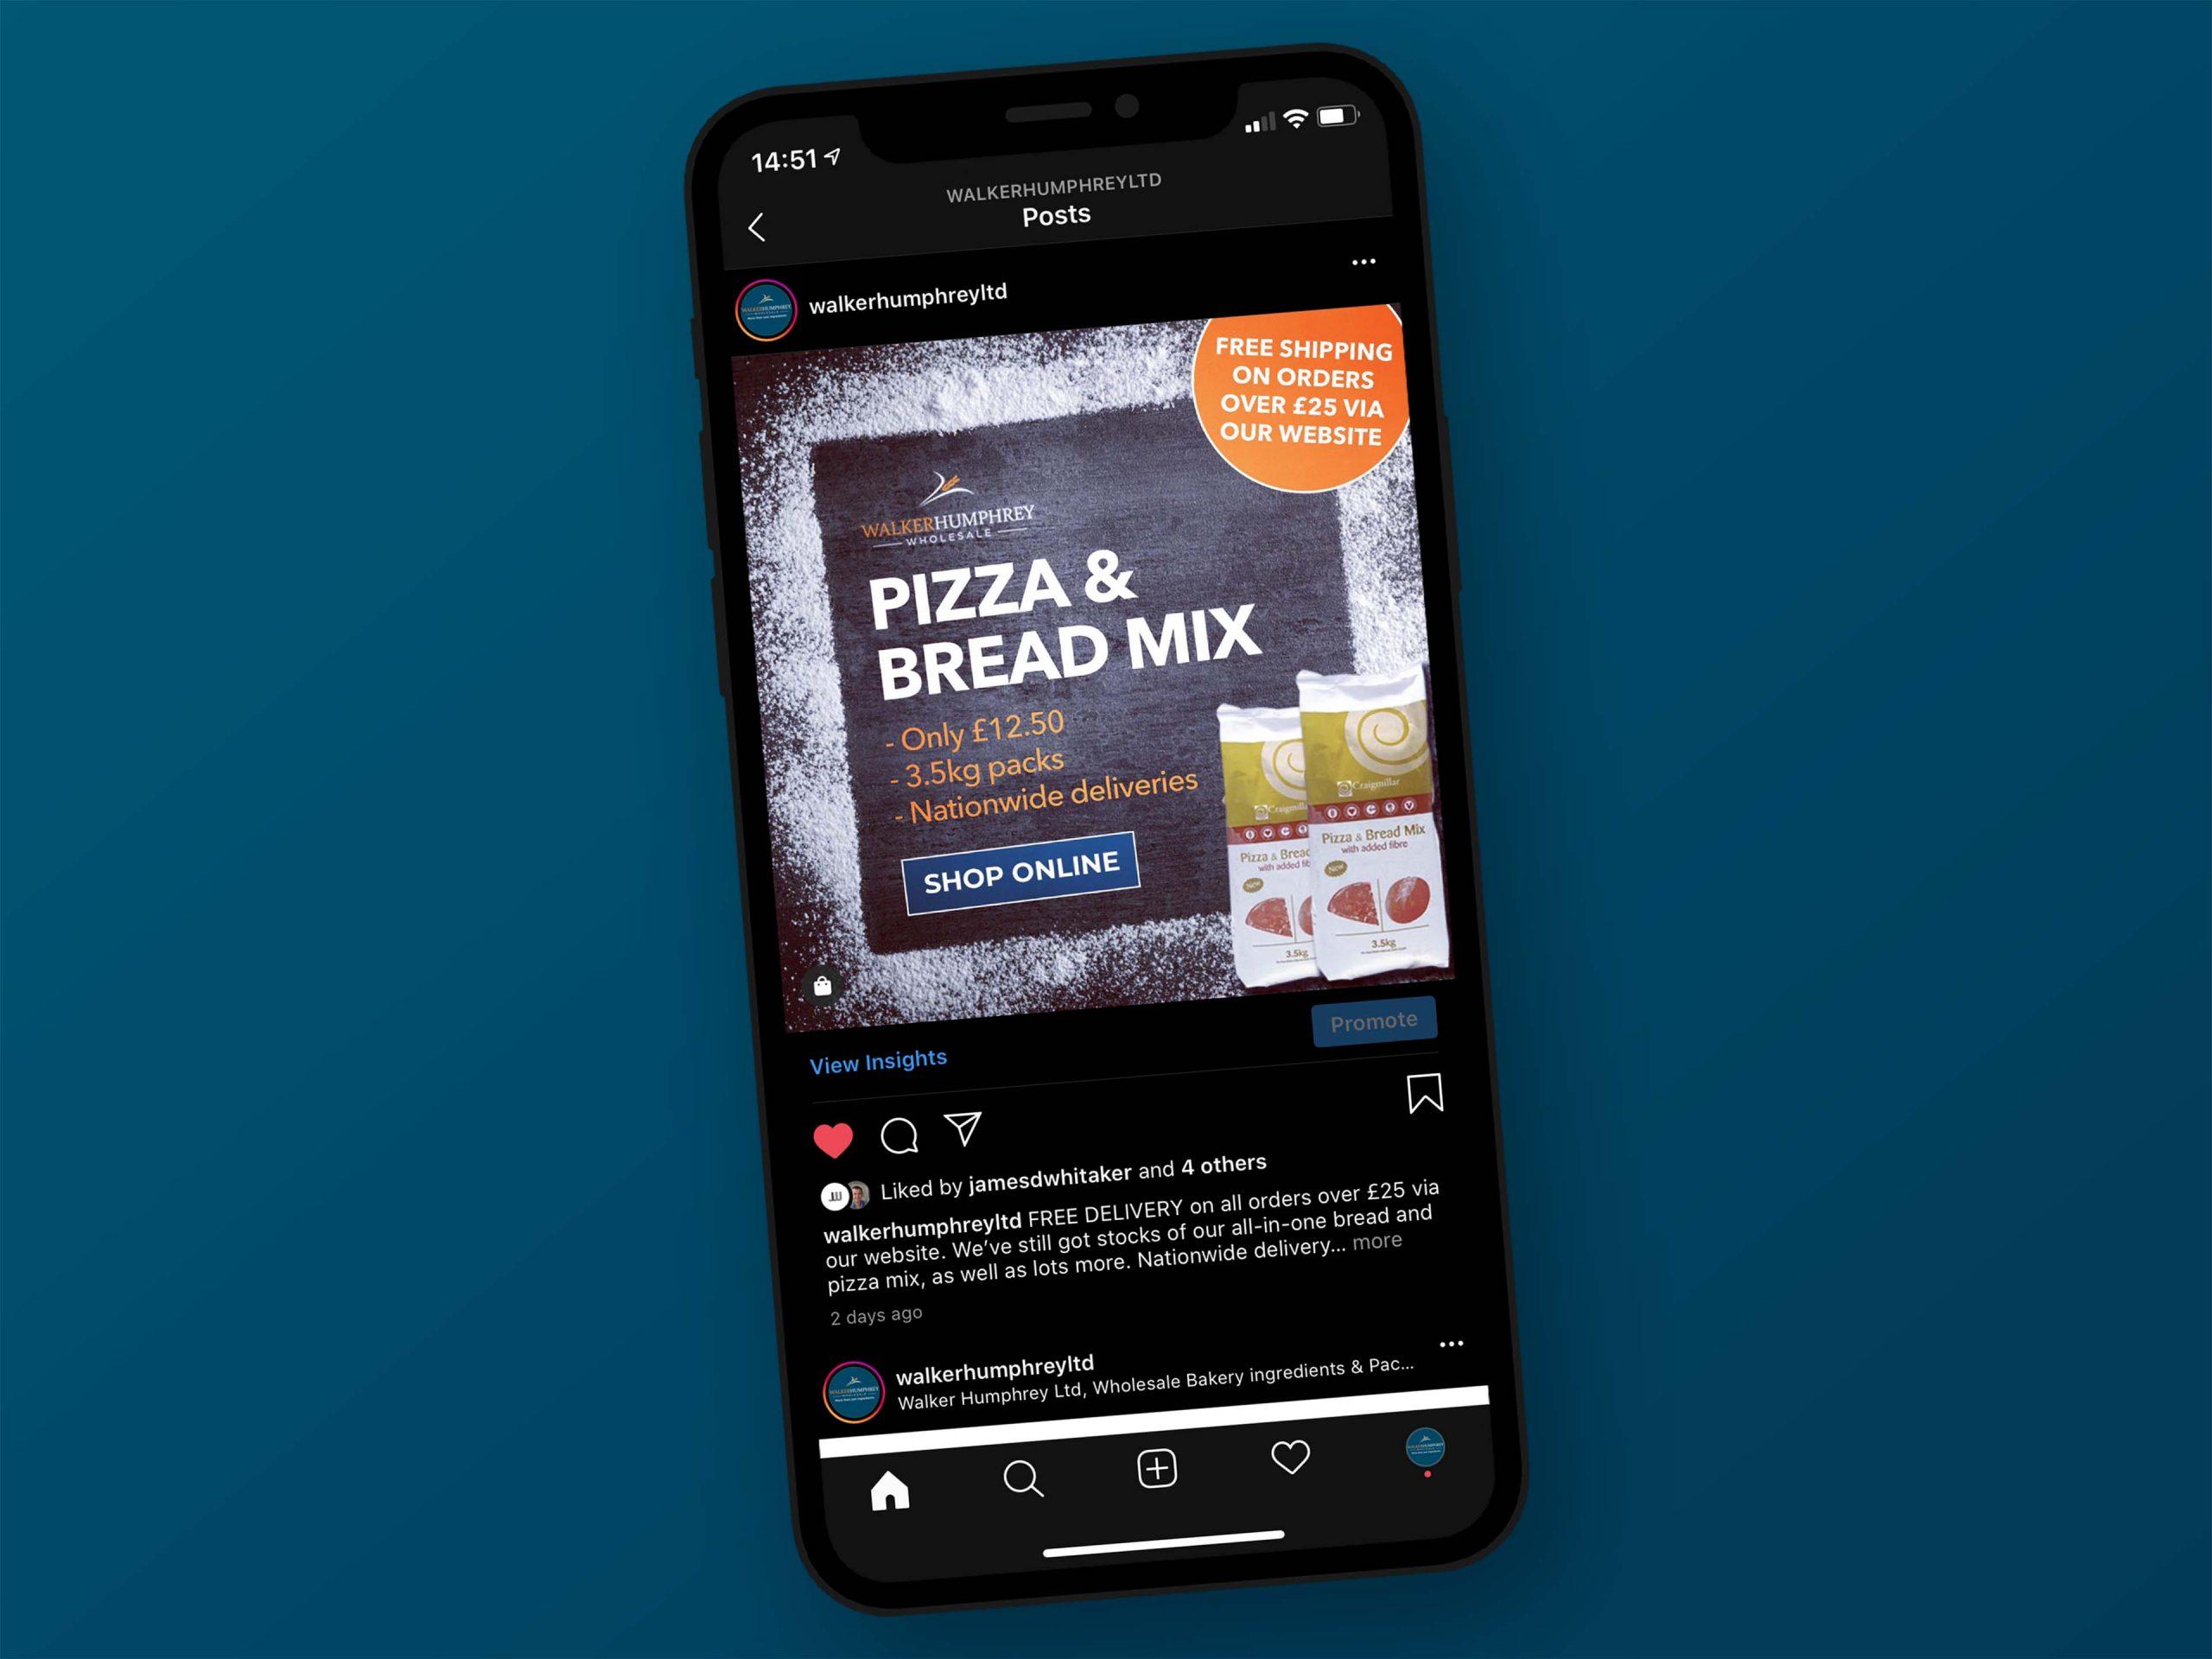 social media advertising image